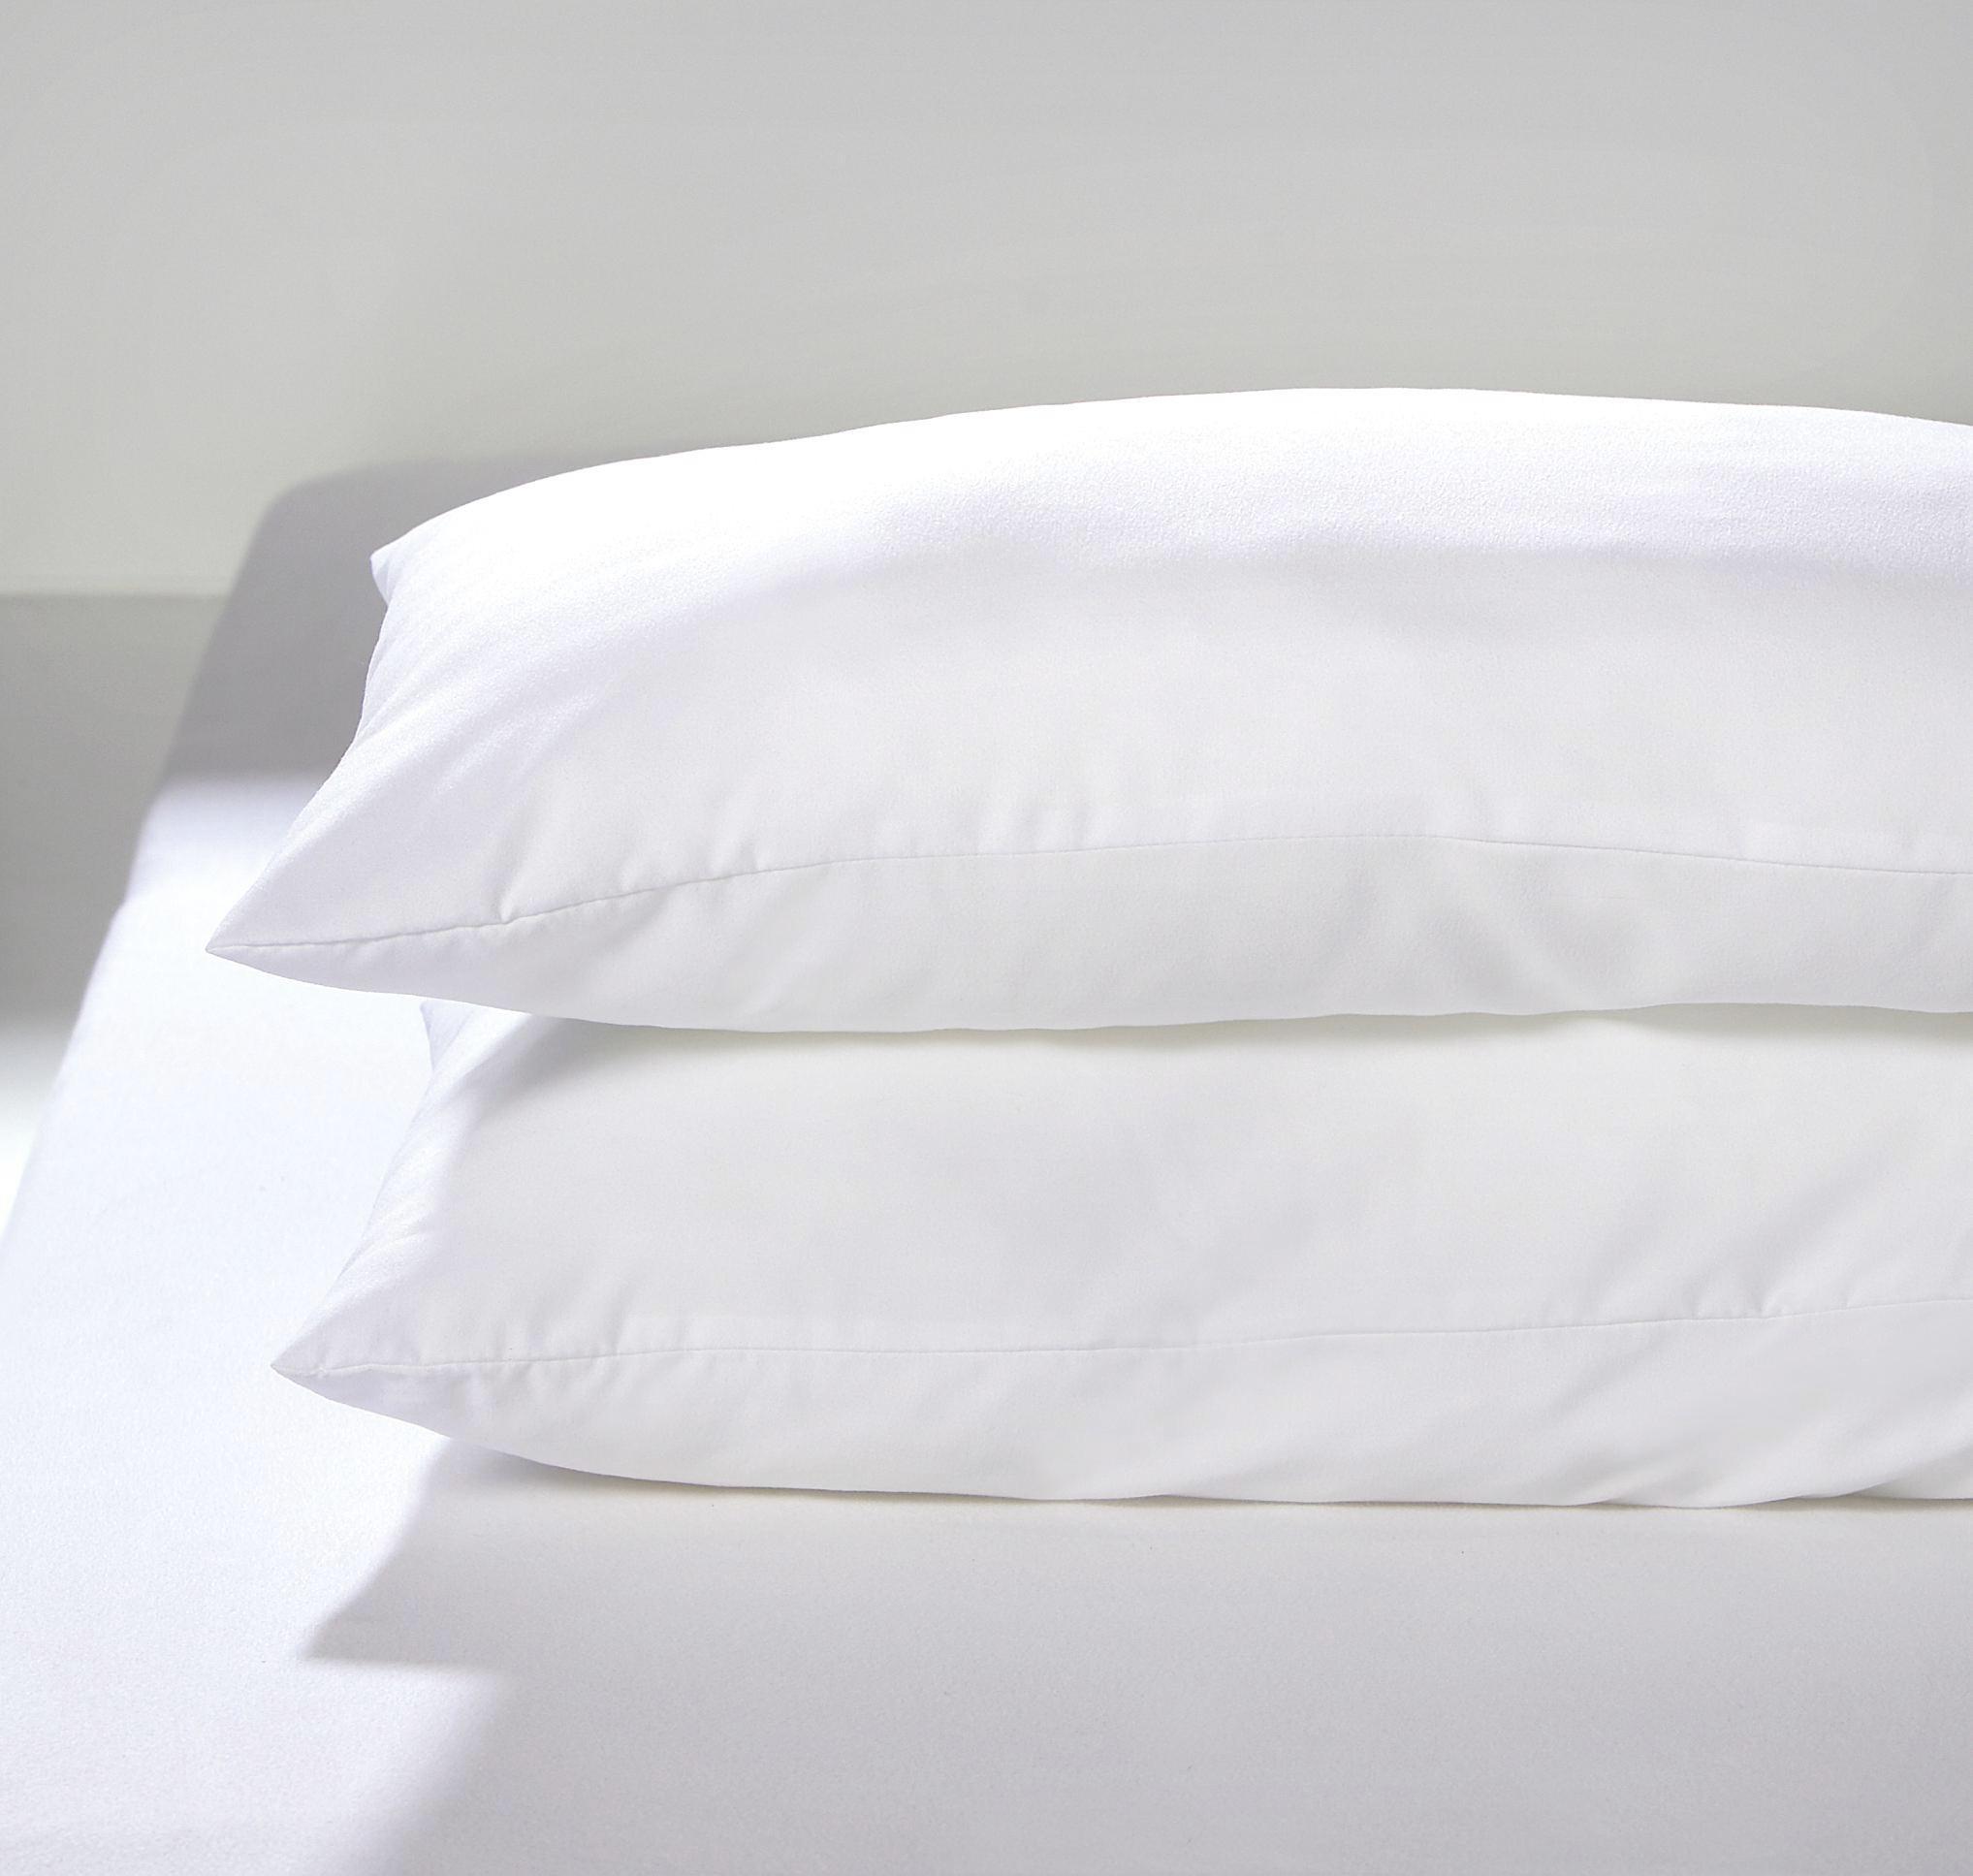 Kopfkissen Lotti ca. 40x80cm, 2 Stk. - Weiß, Textil (40/80cm) - MÖMAX modern living